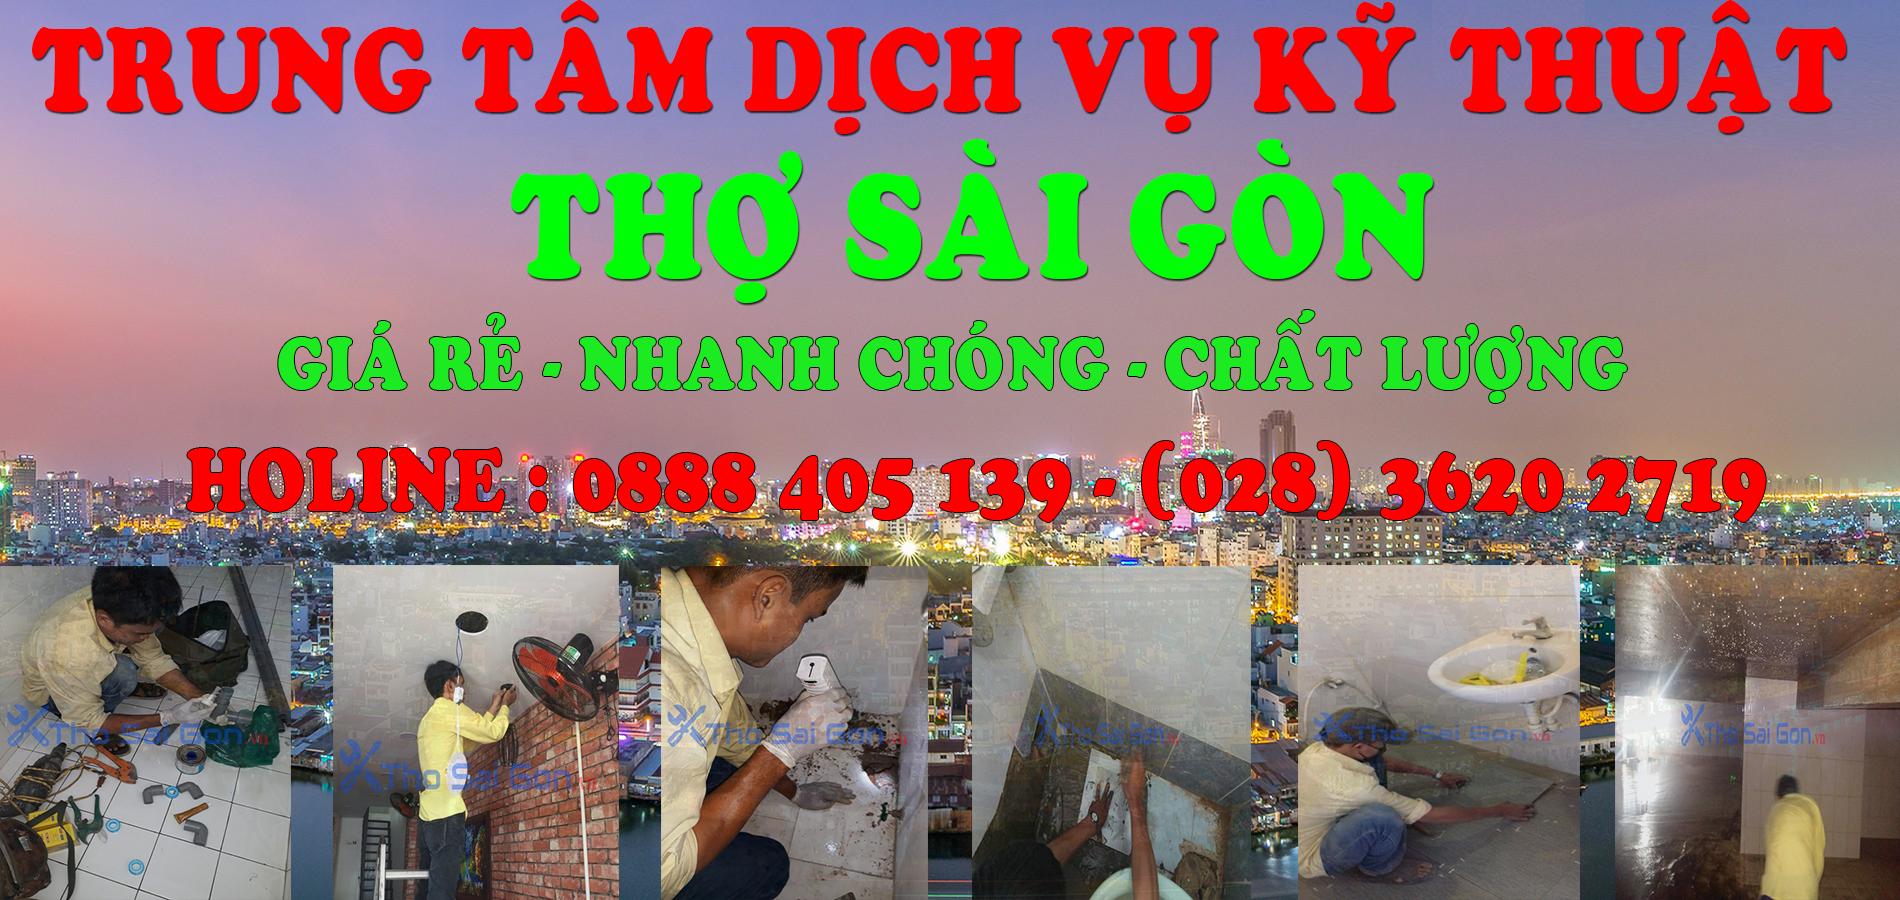 TT Điện Nước Thợ Sài Gòn